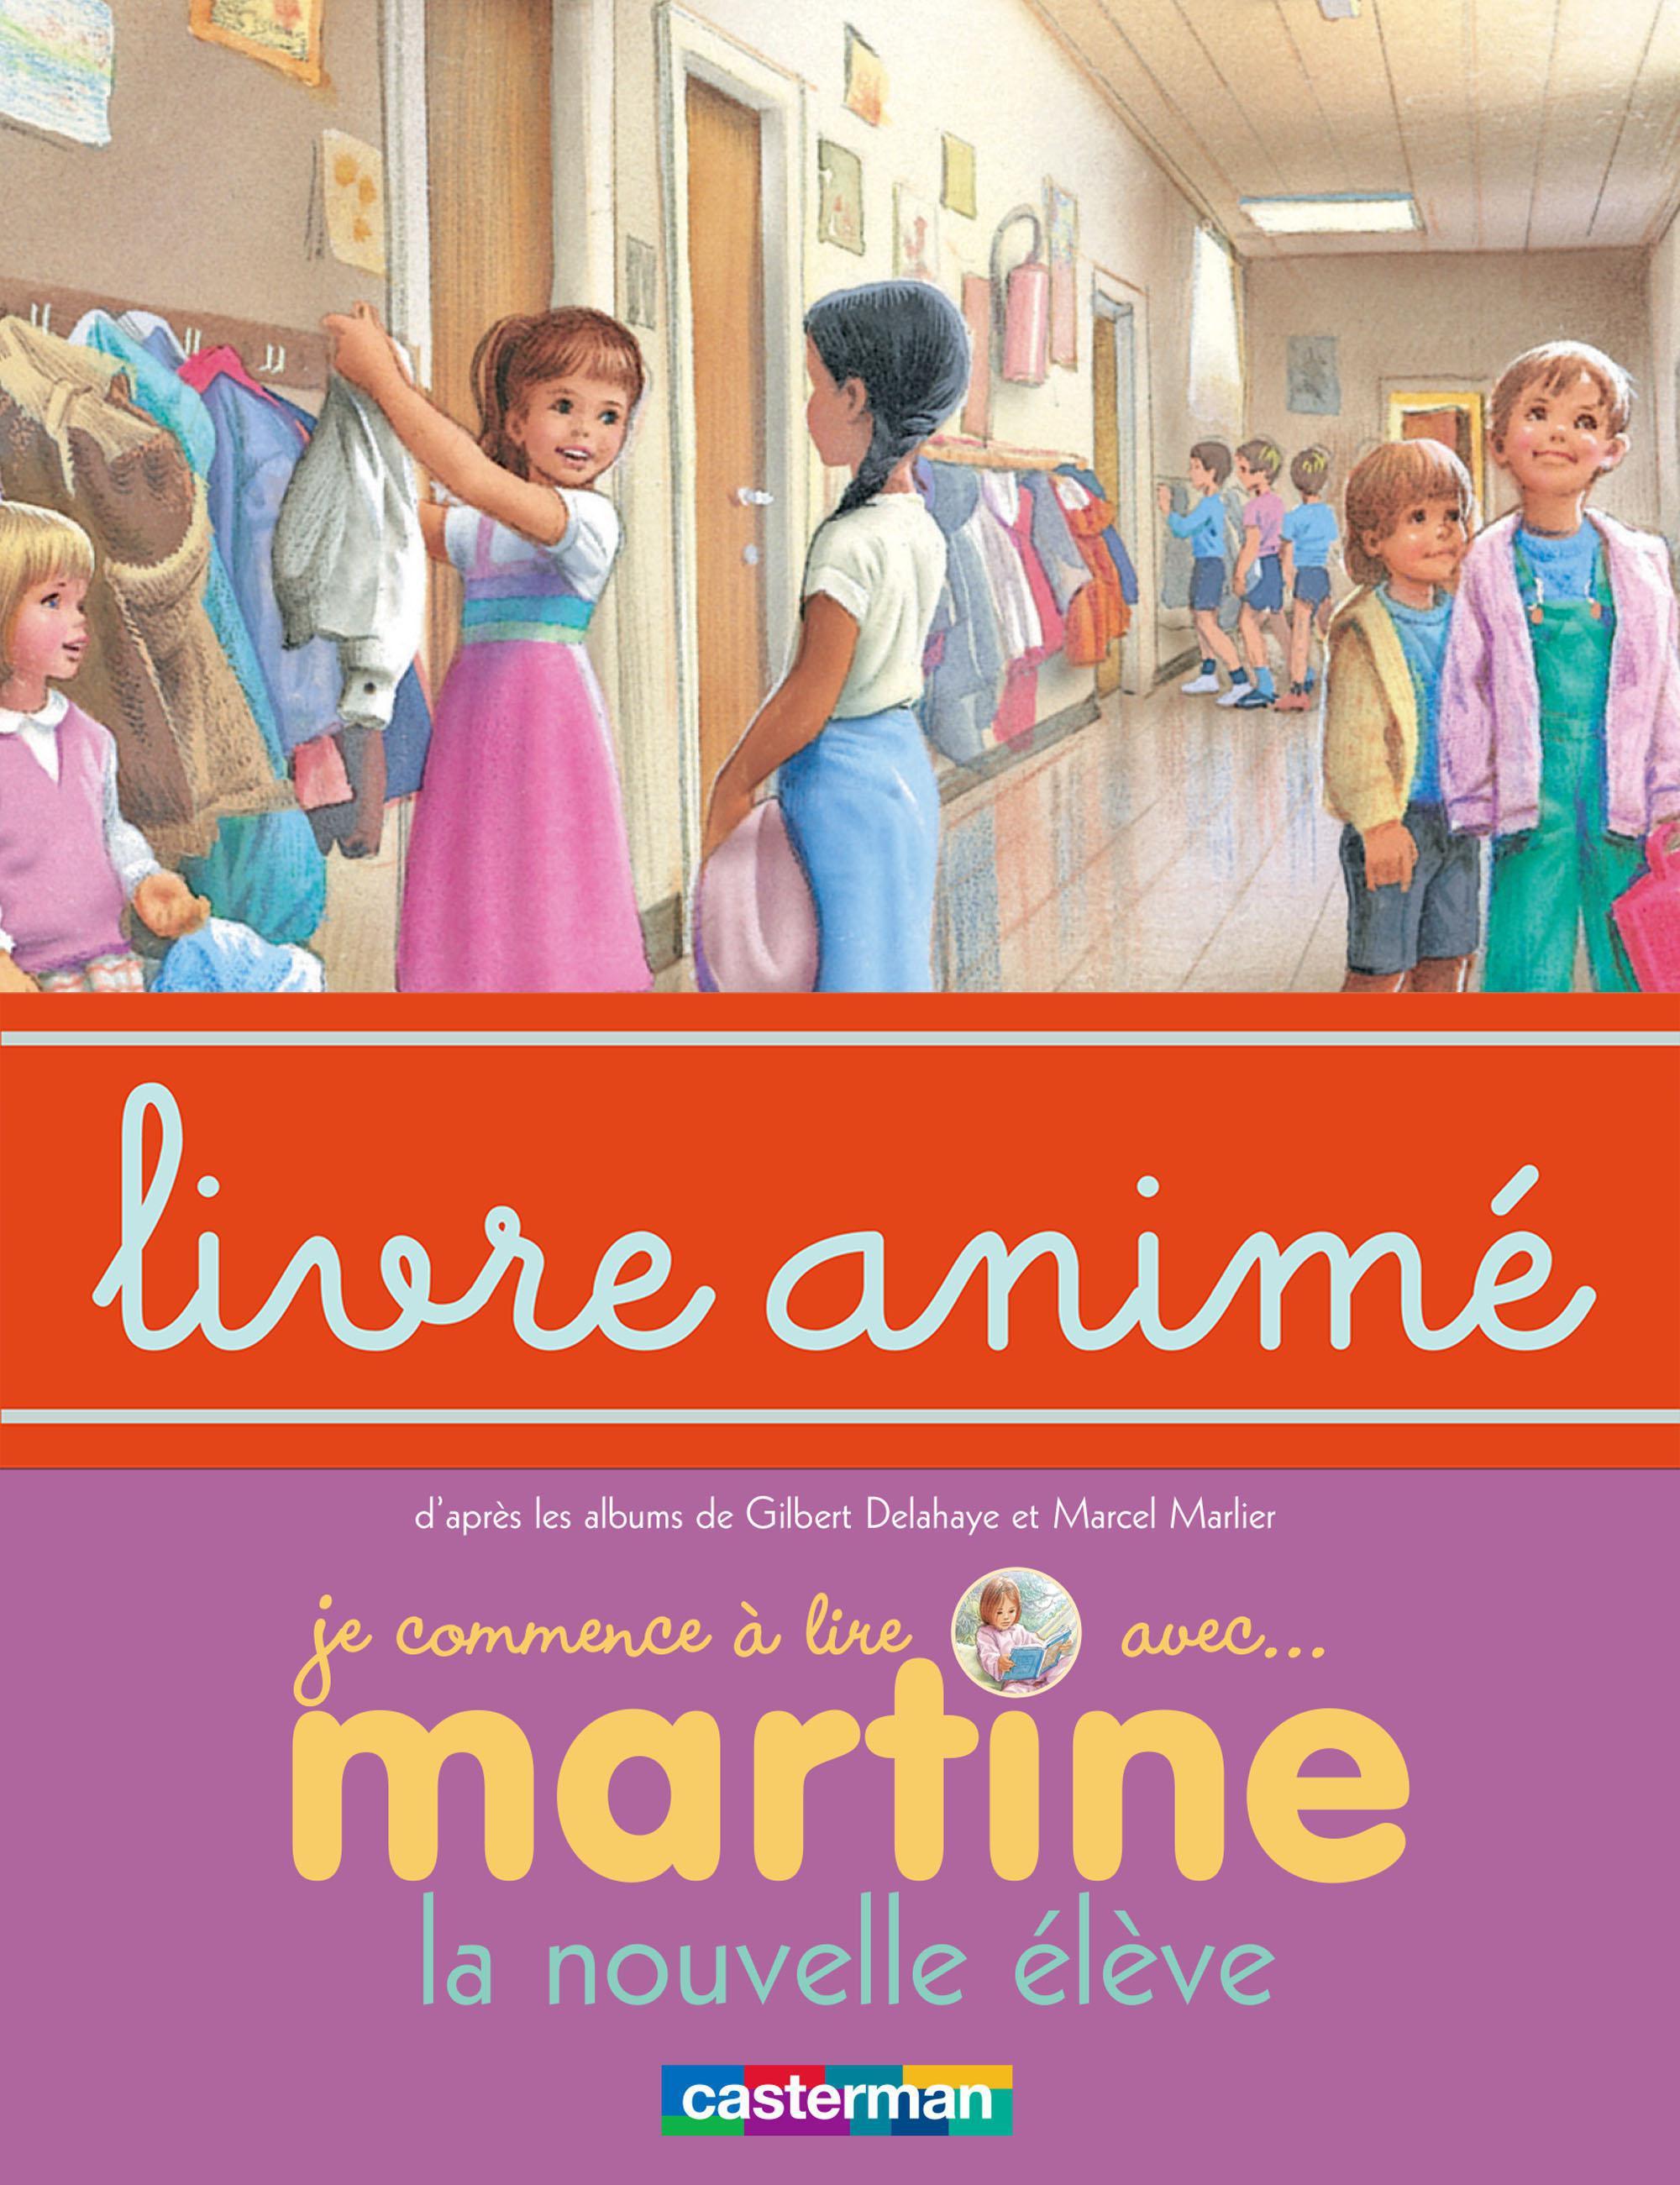 Martine, la nouvelle élève - Livre animé